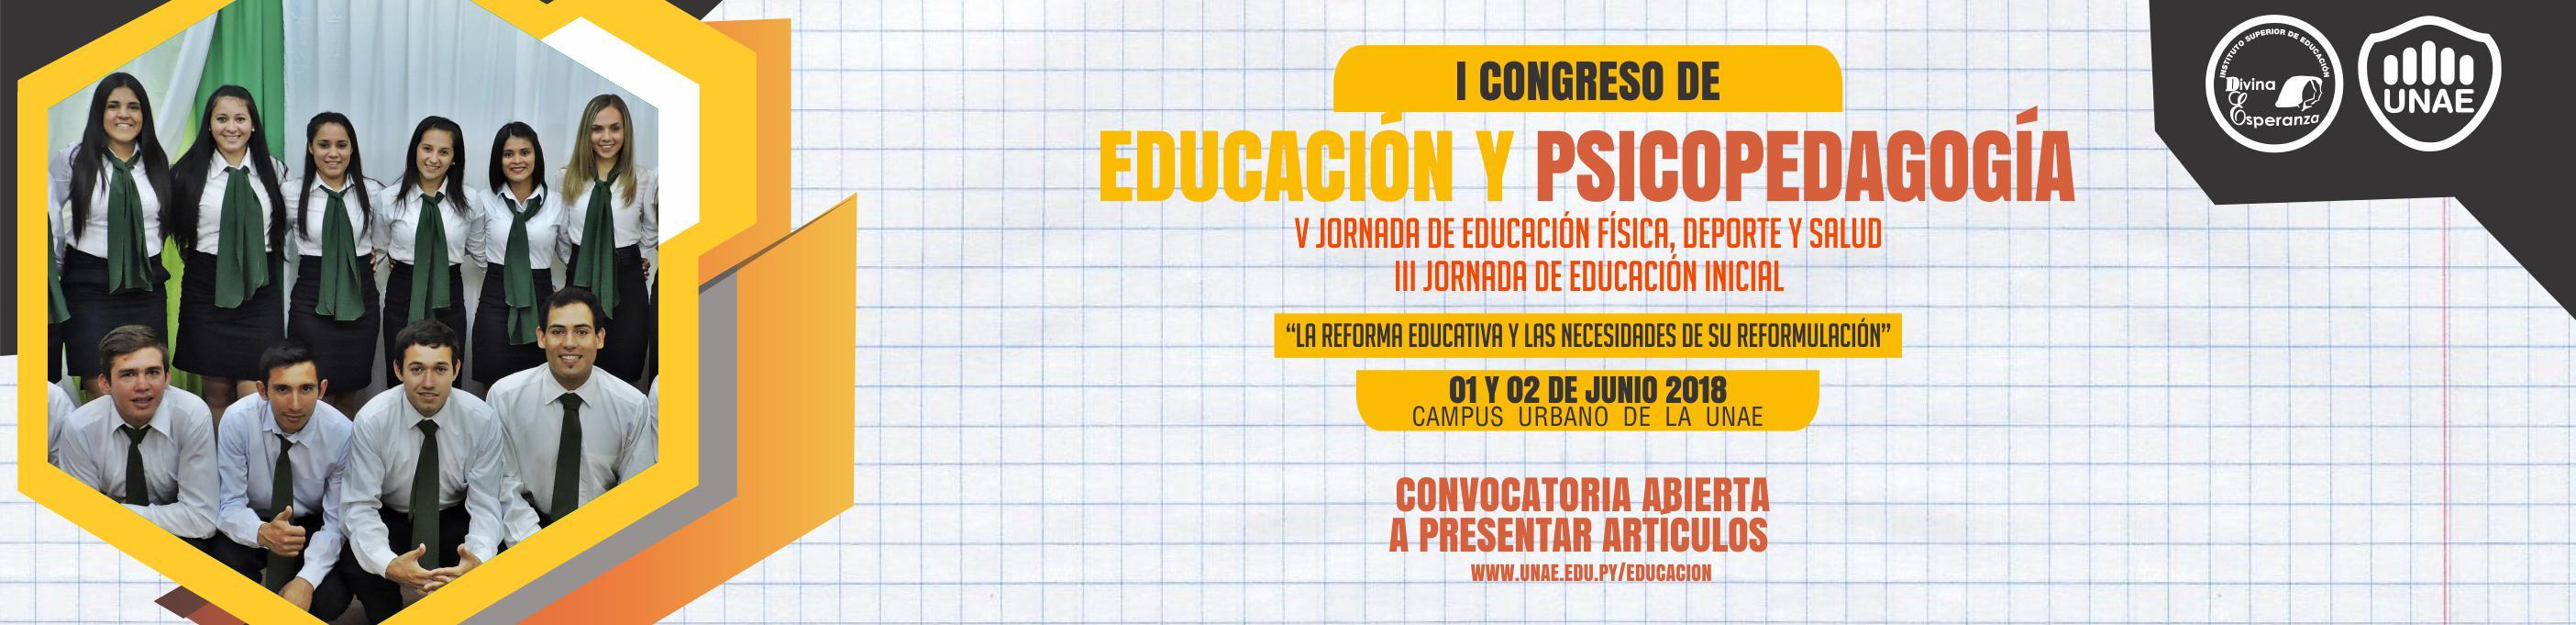 Moderno Ejemplo Reanudar La Educación Composición - Ejemplo De ...